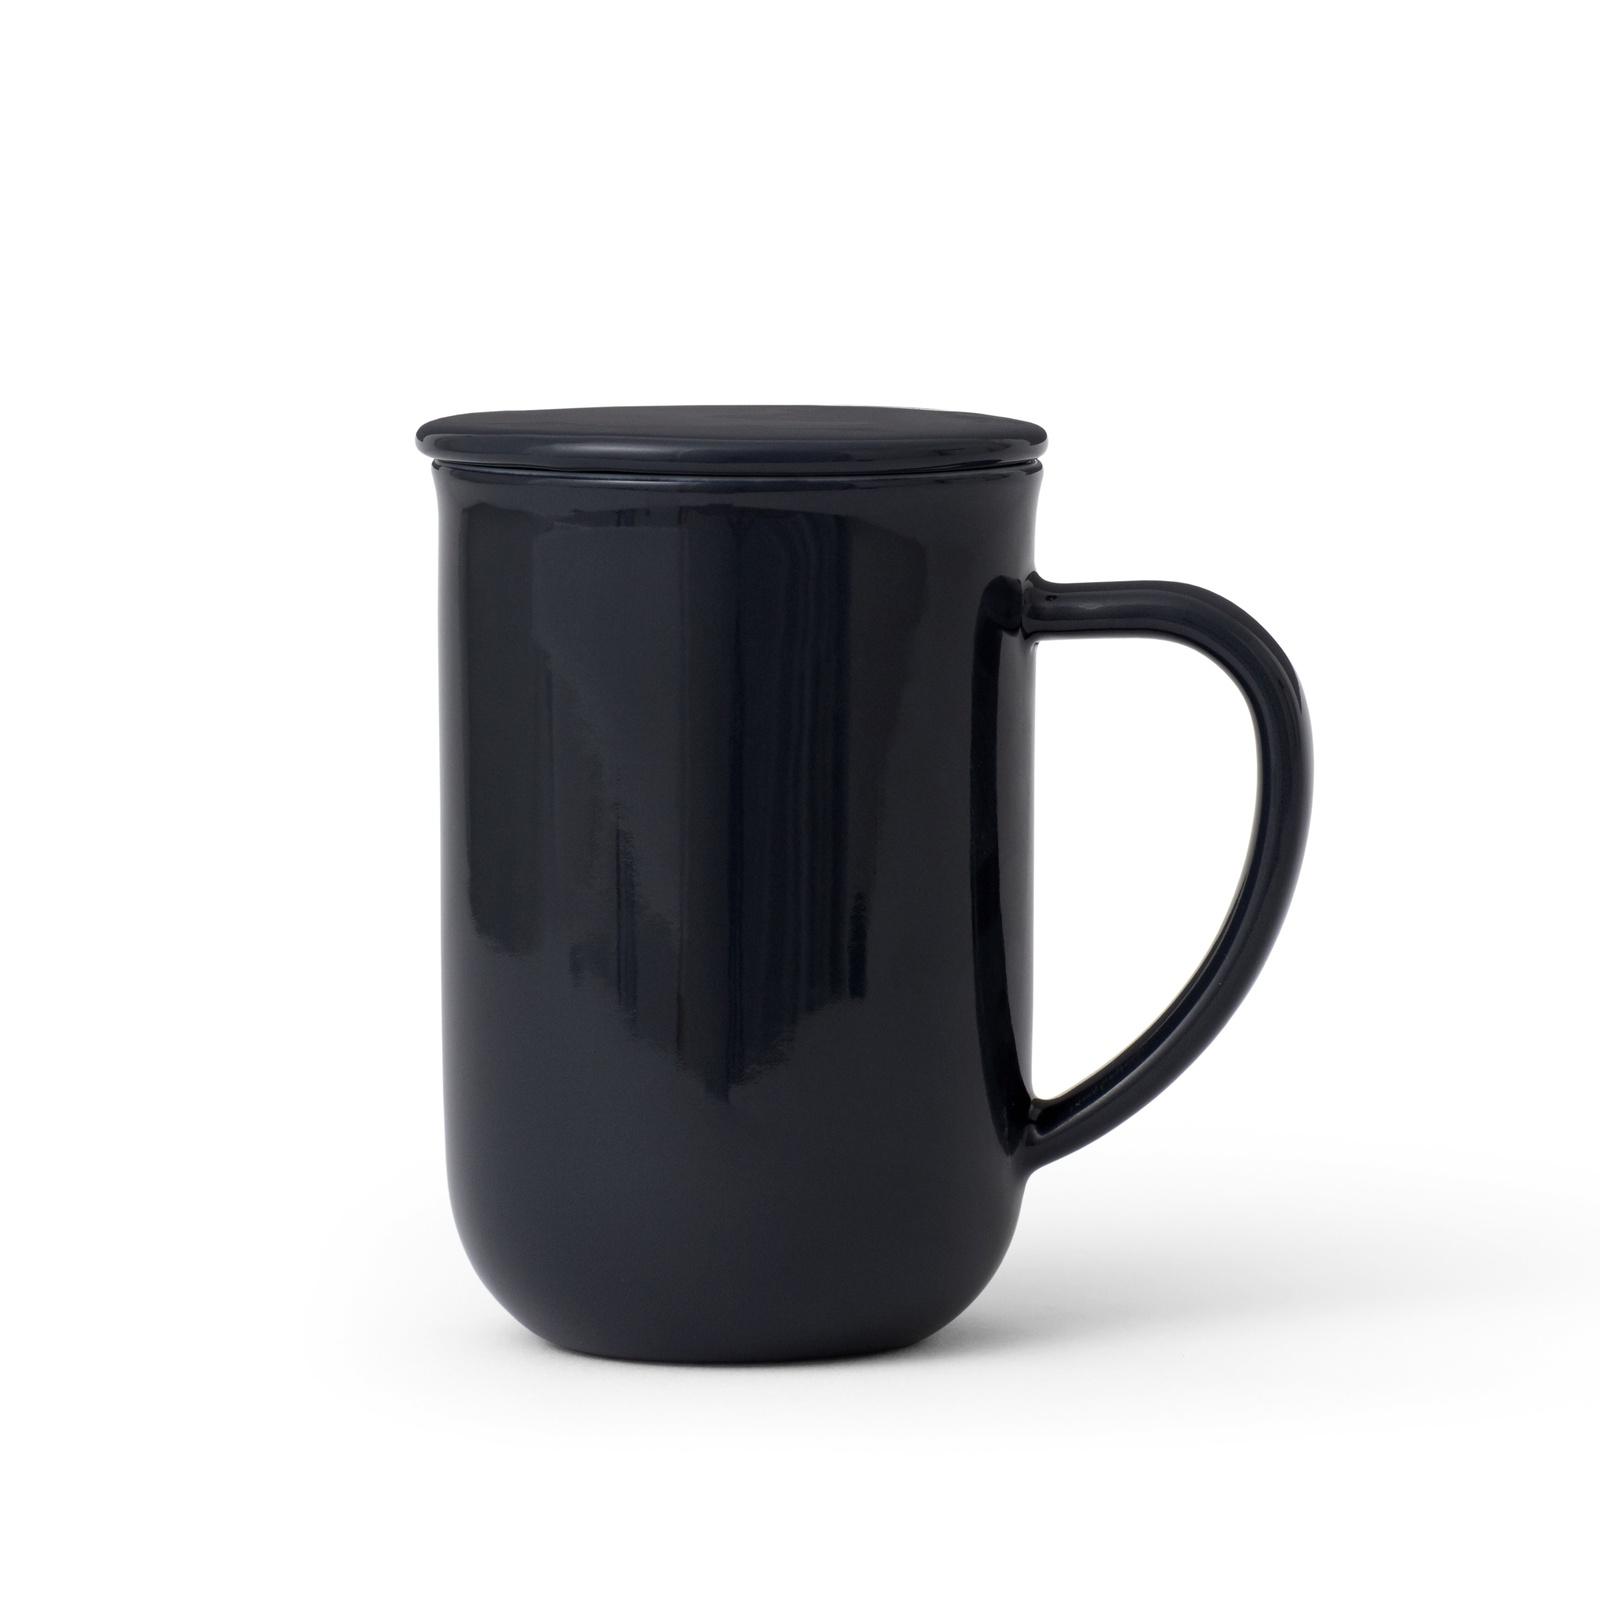 Чайная кружка с ситечком Viva scandinavia Minima, V77545, 500 мл, черный